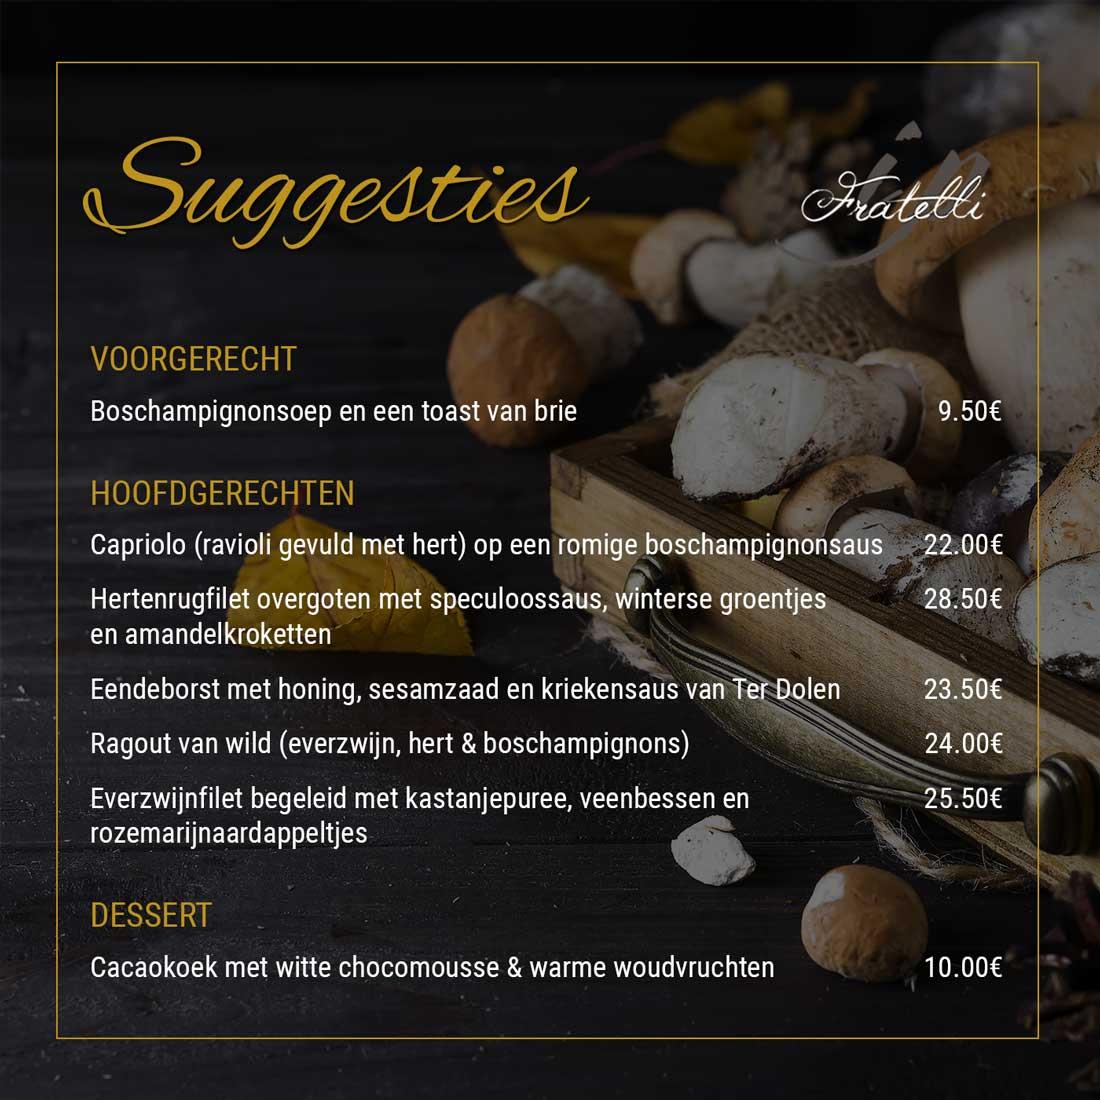 Herfst Suggesties - Boschampignons